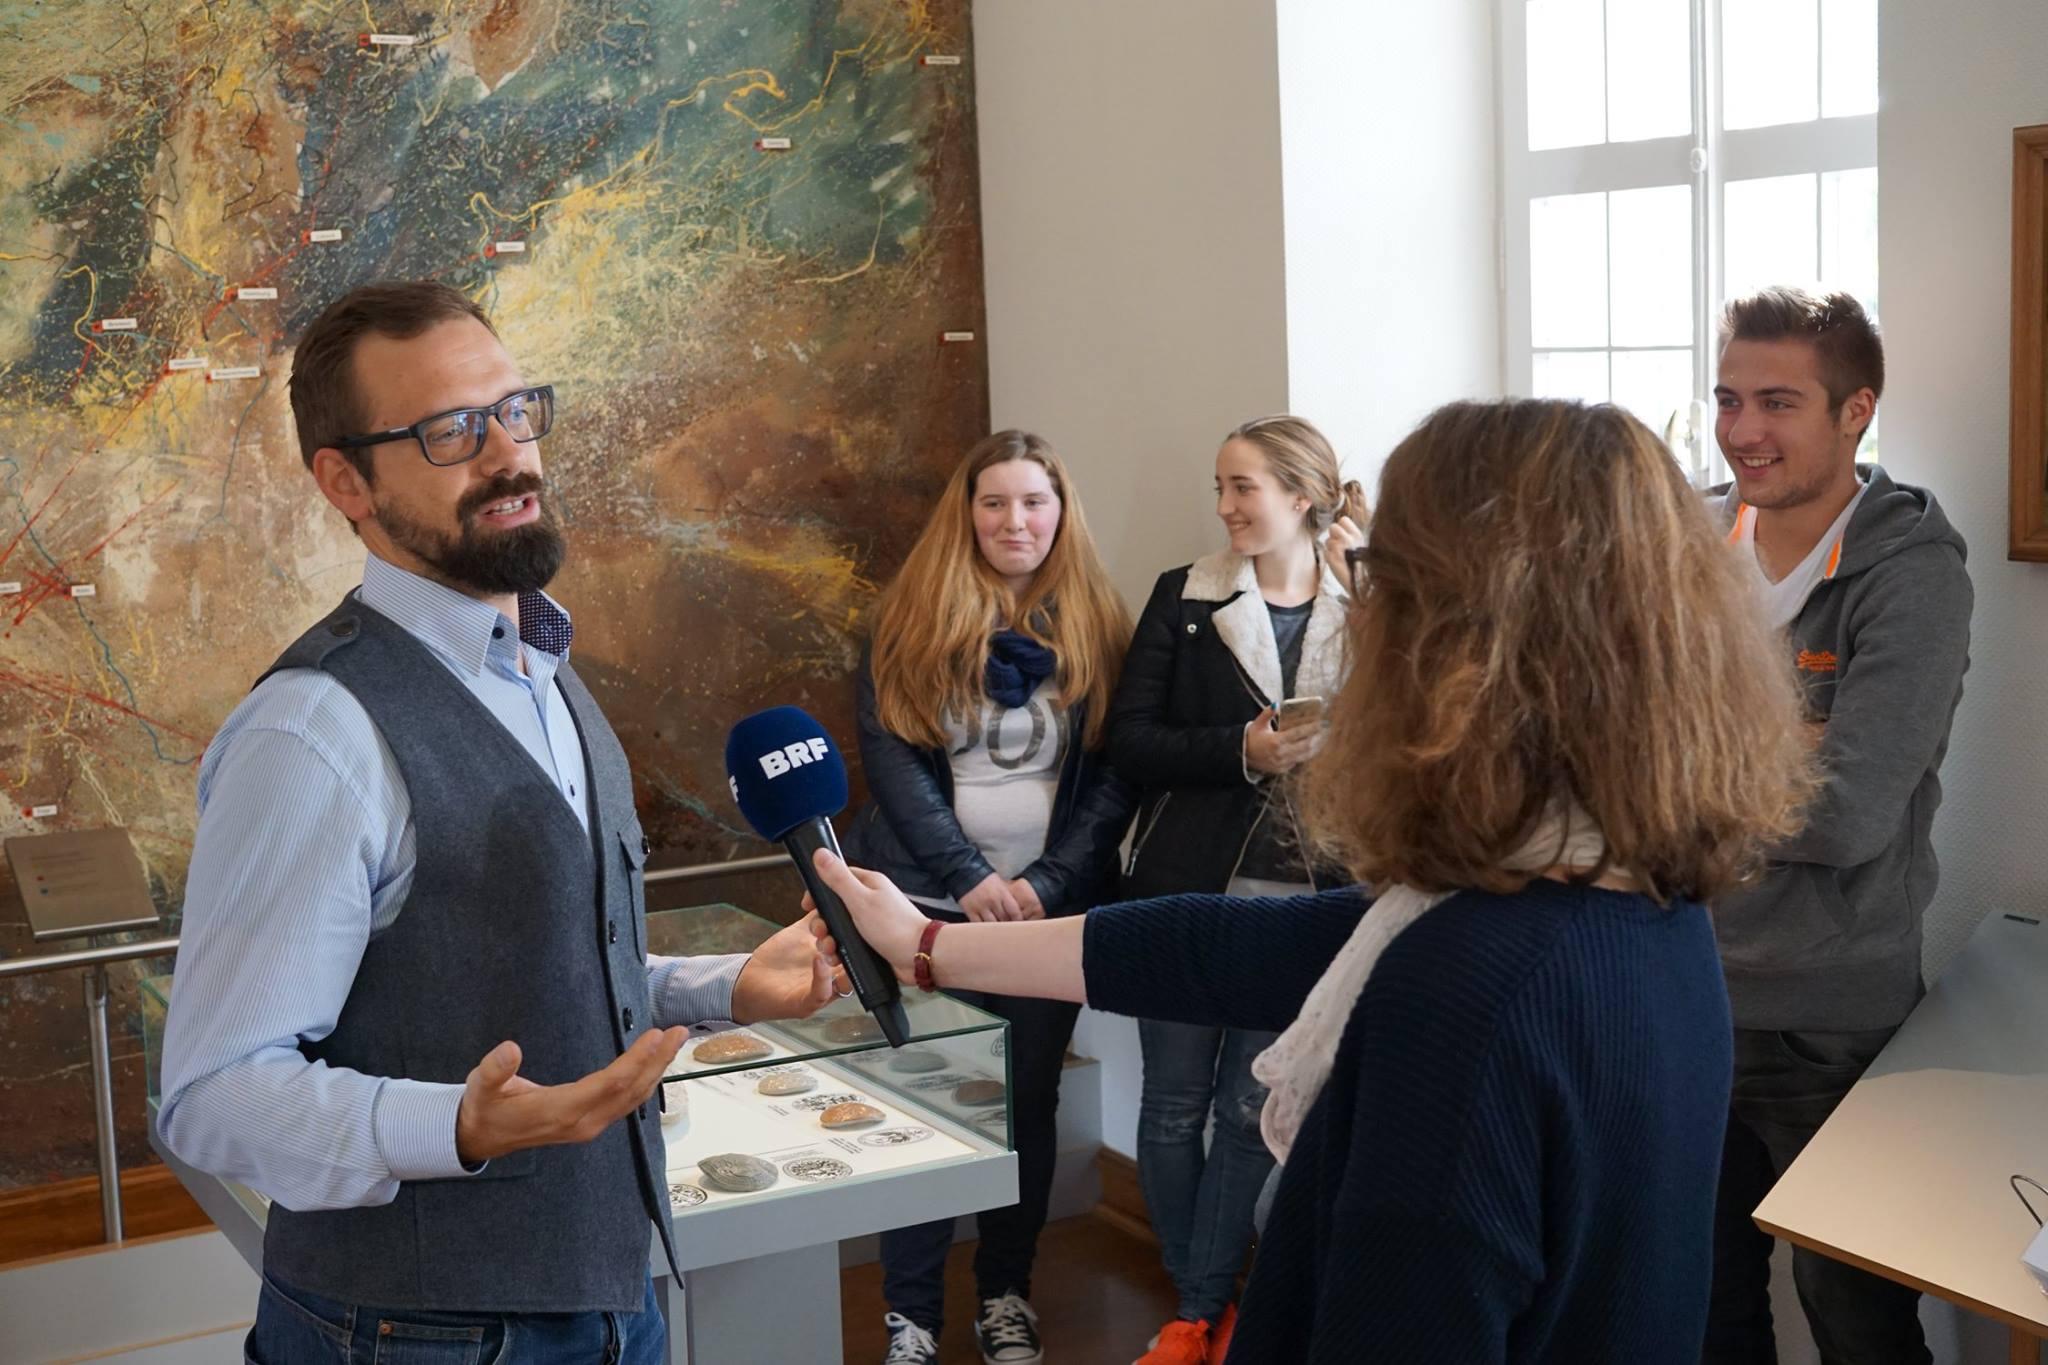 Florian Sochatzy vom Institut für digitales Lernen im Töpfereimuseum in Raeren